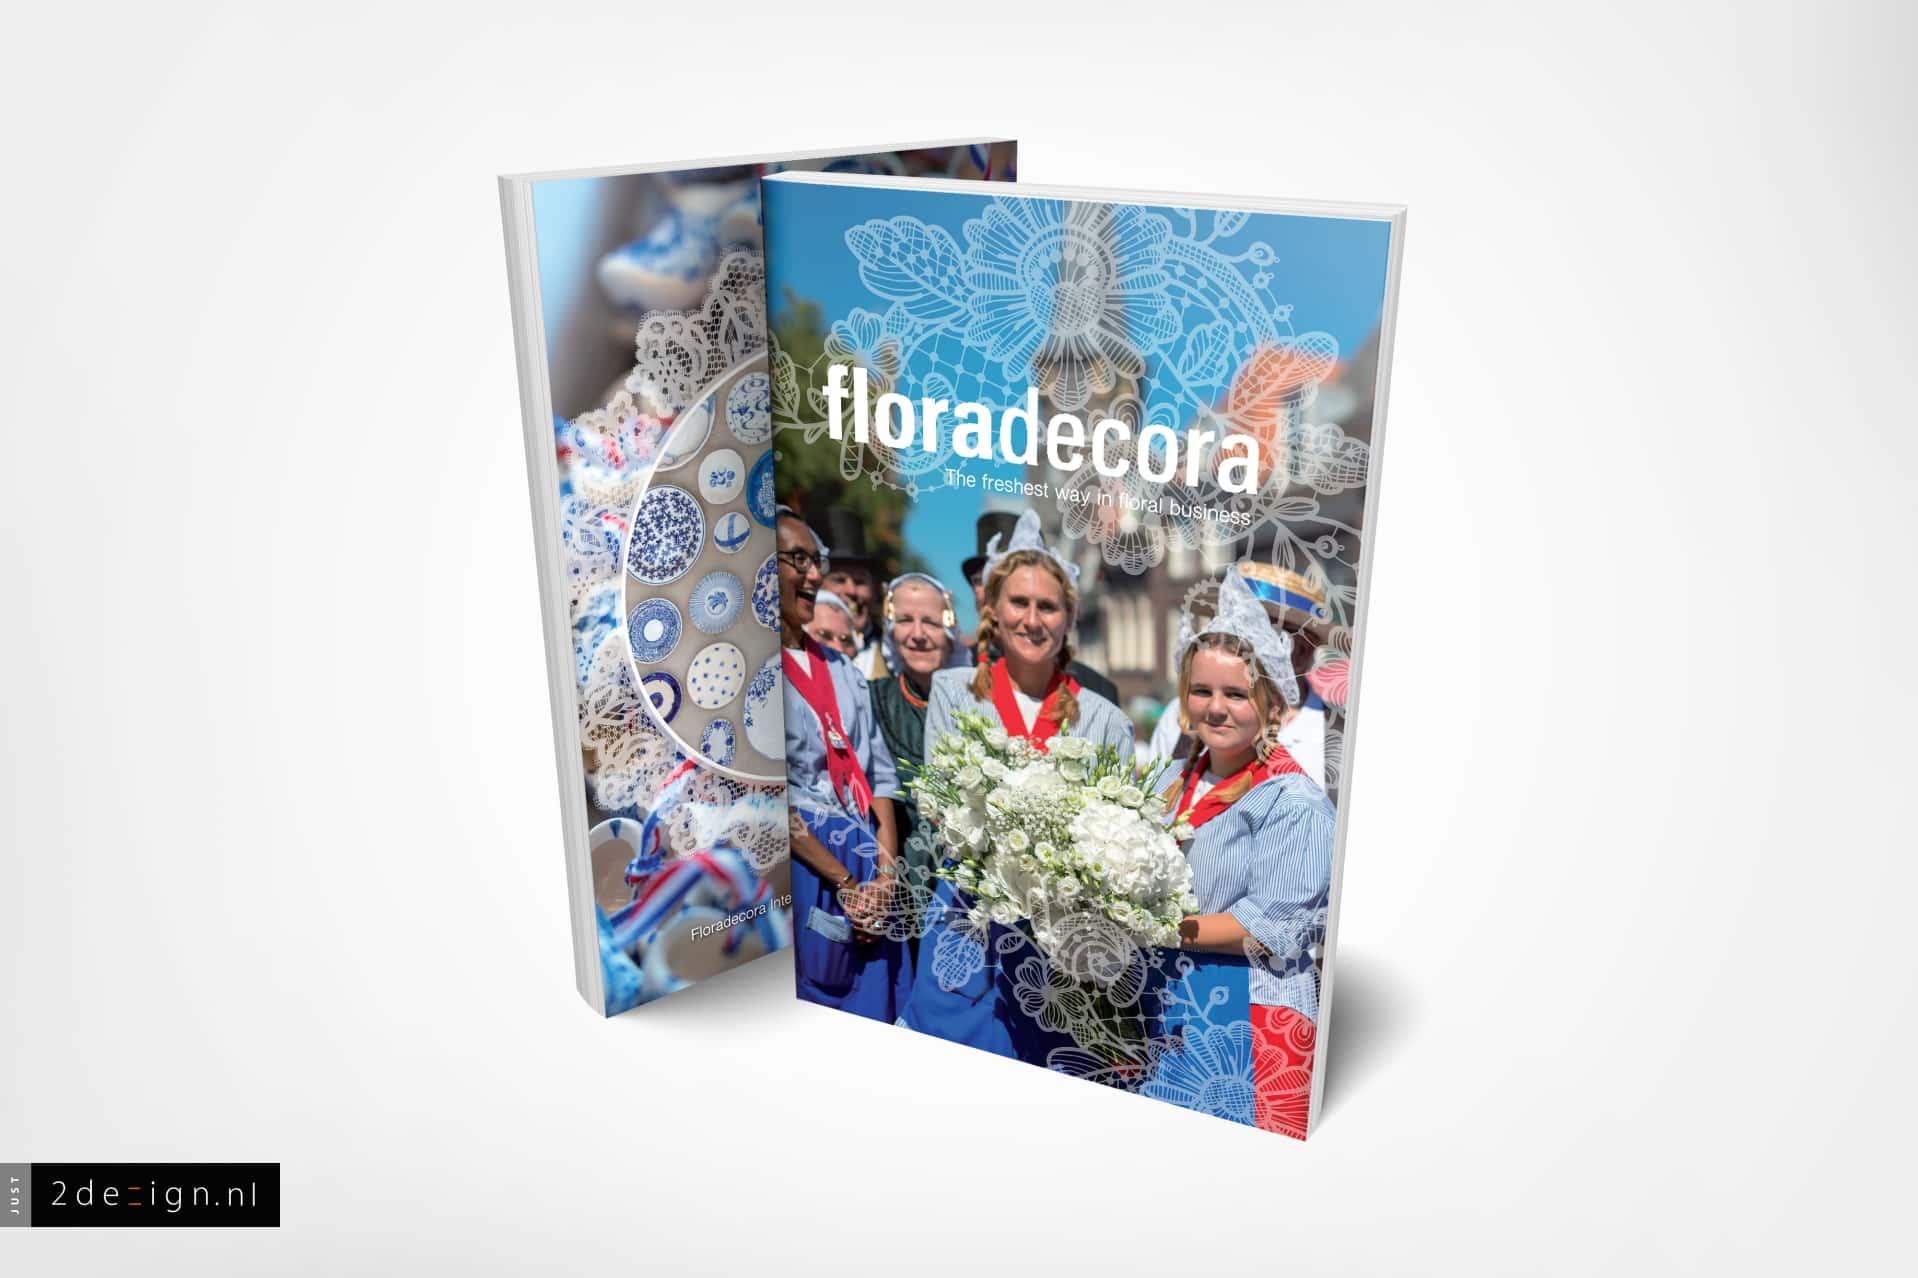 boek floradecora_20190423095201028